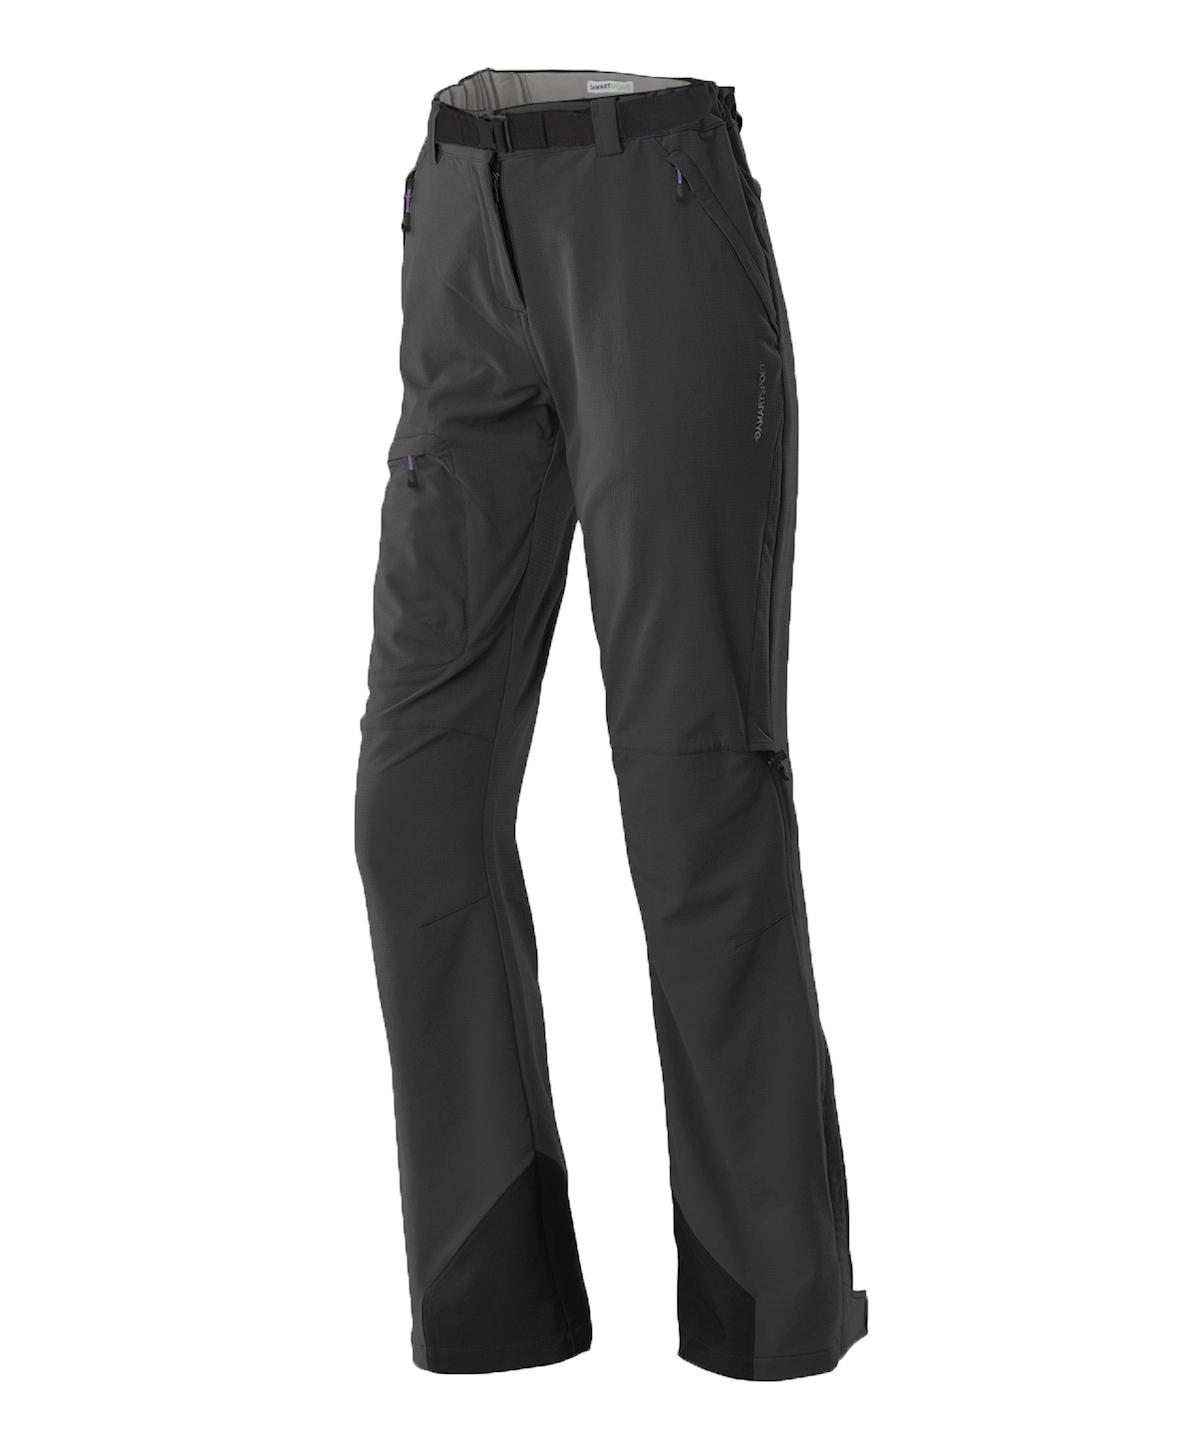 Damart Sport Pantalon randonnée chaud déperlant femme